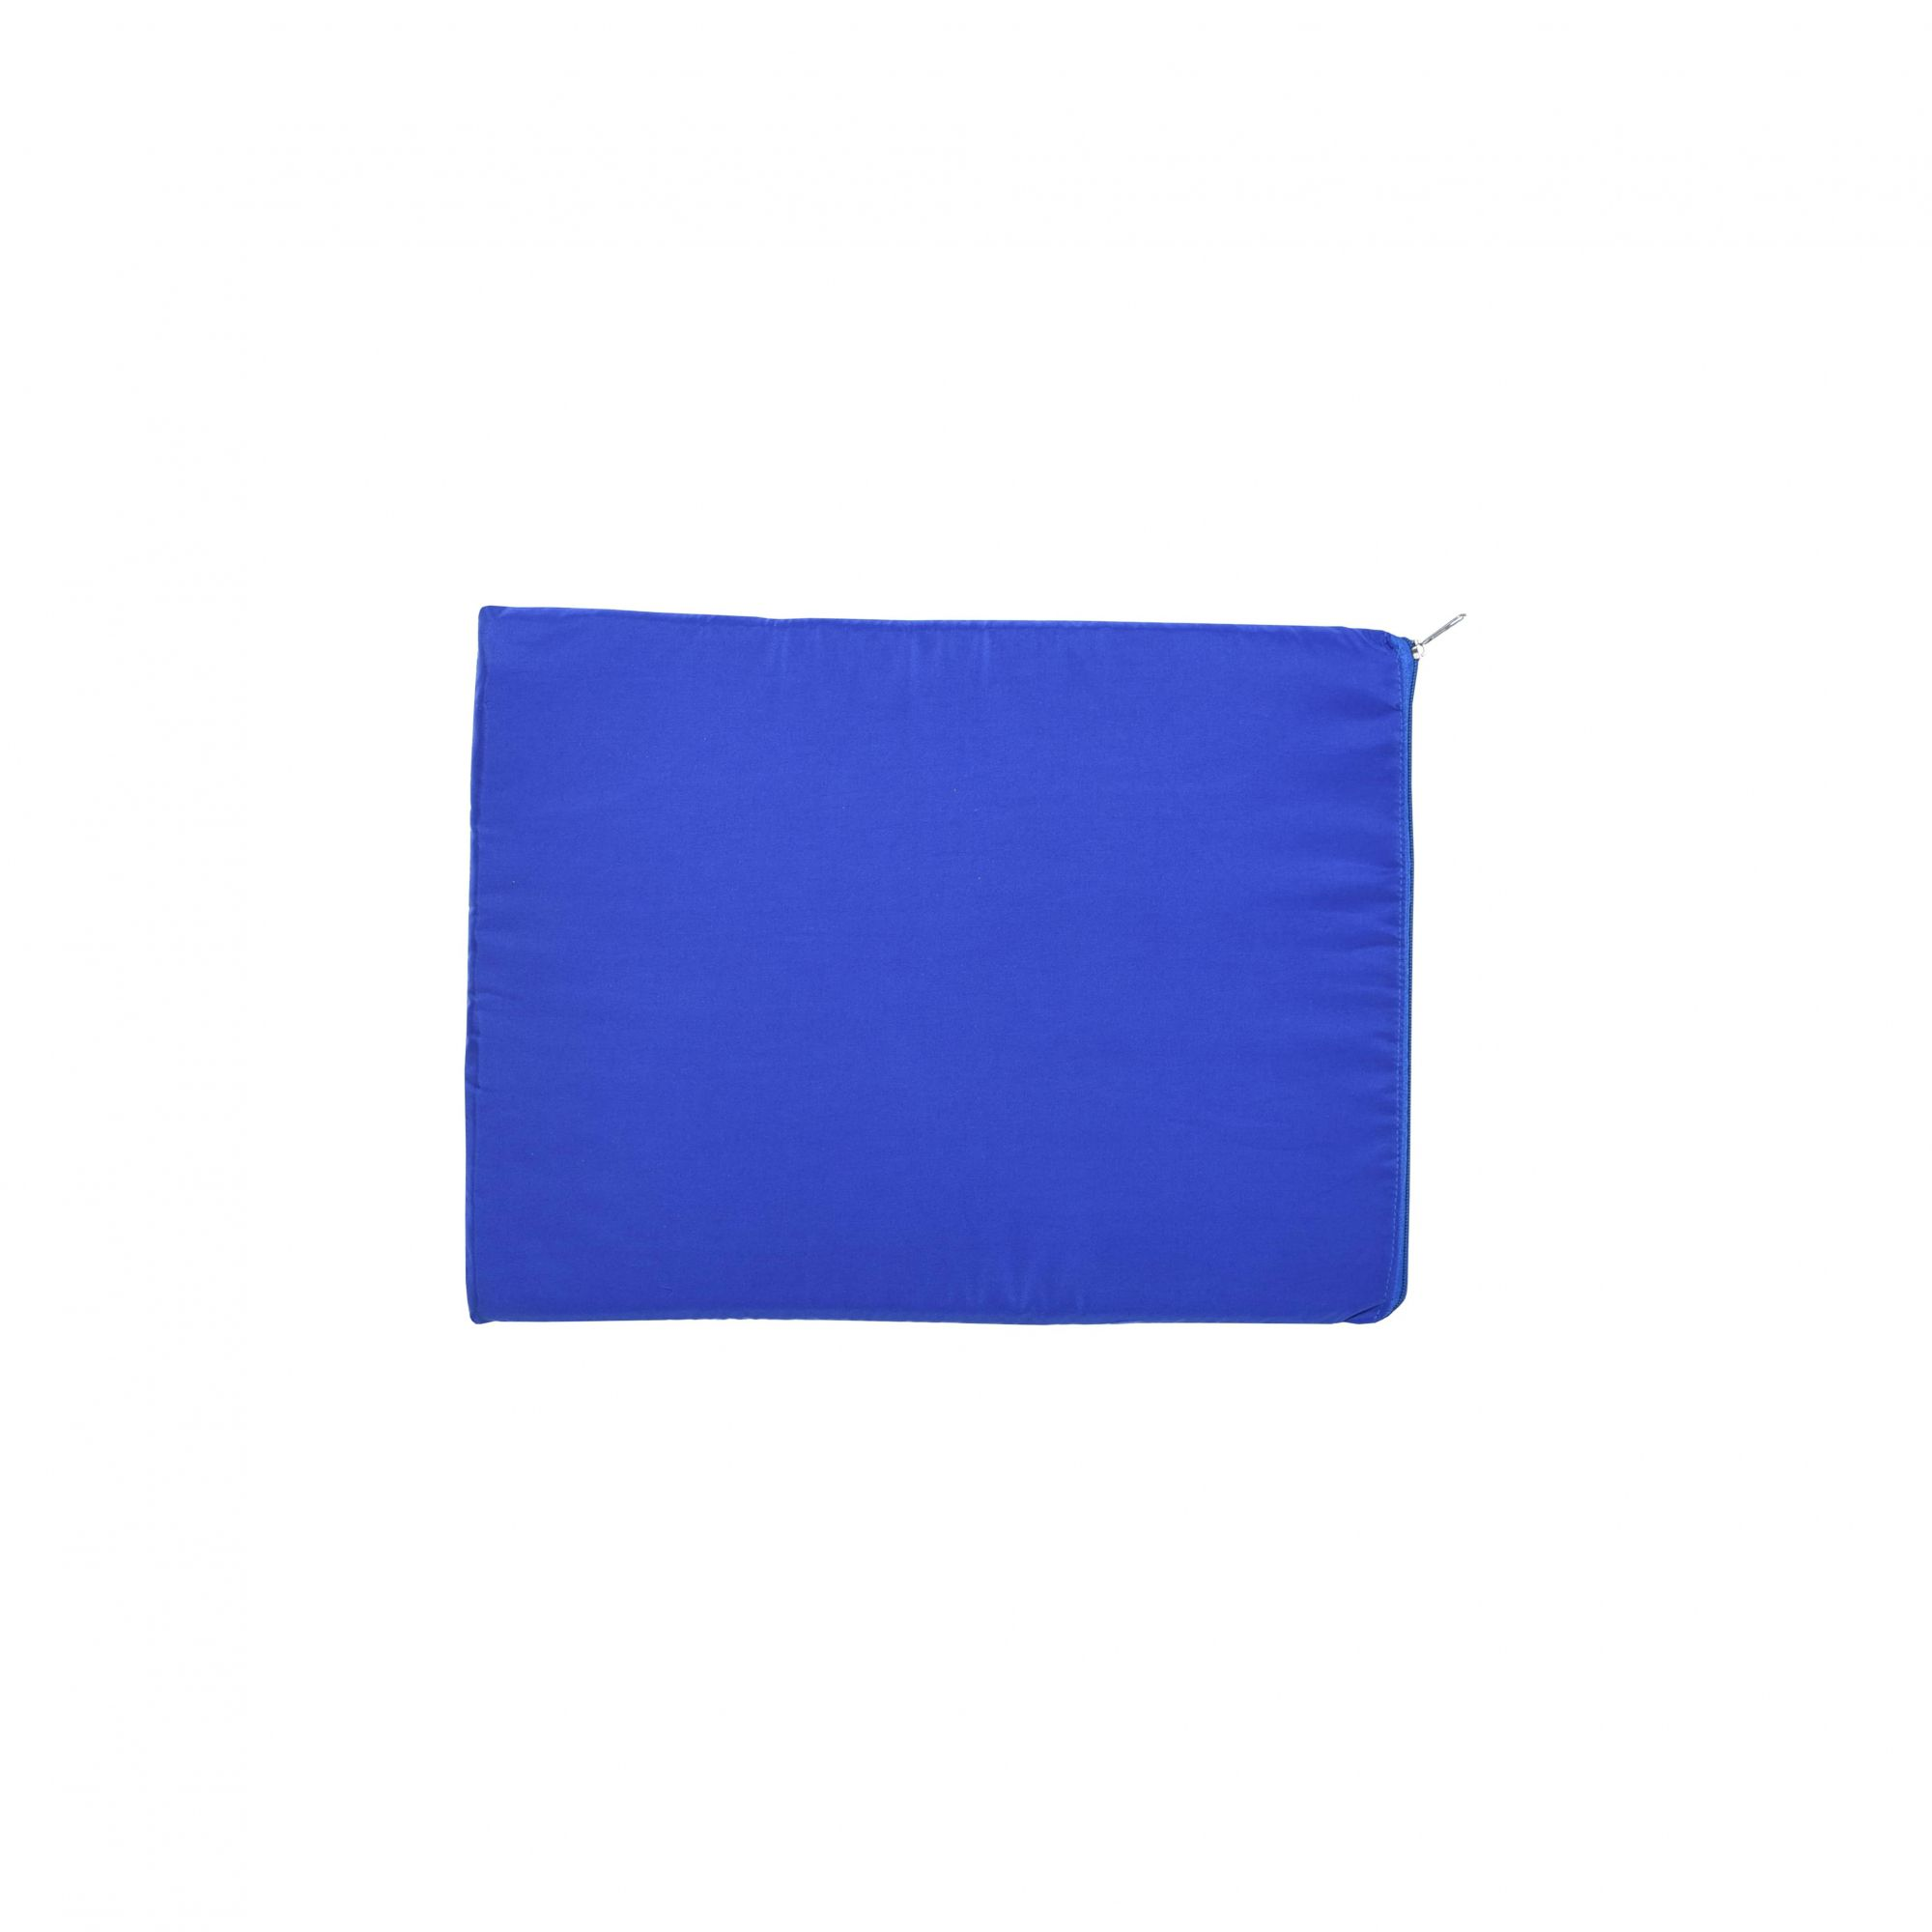 Kit Casinha Madeira 02 com Colchonete Azul e placa de nome